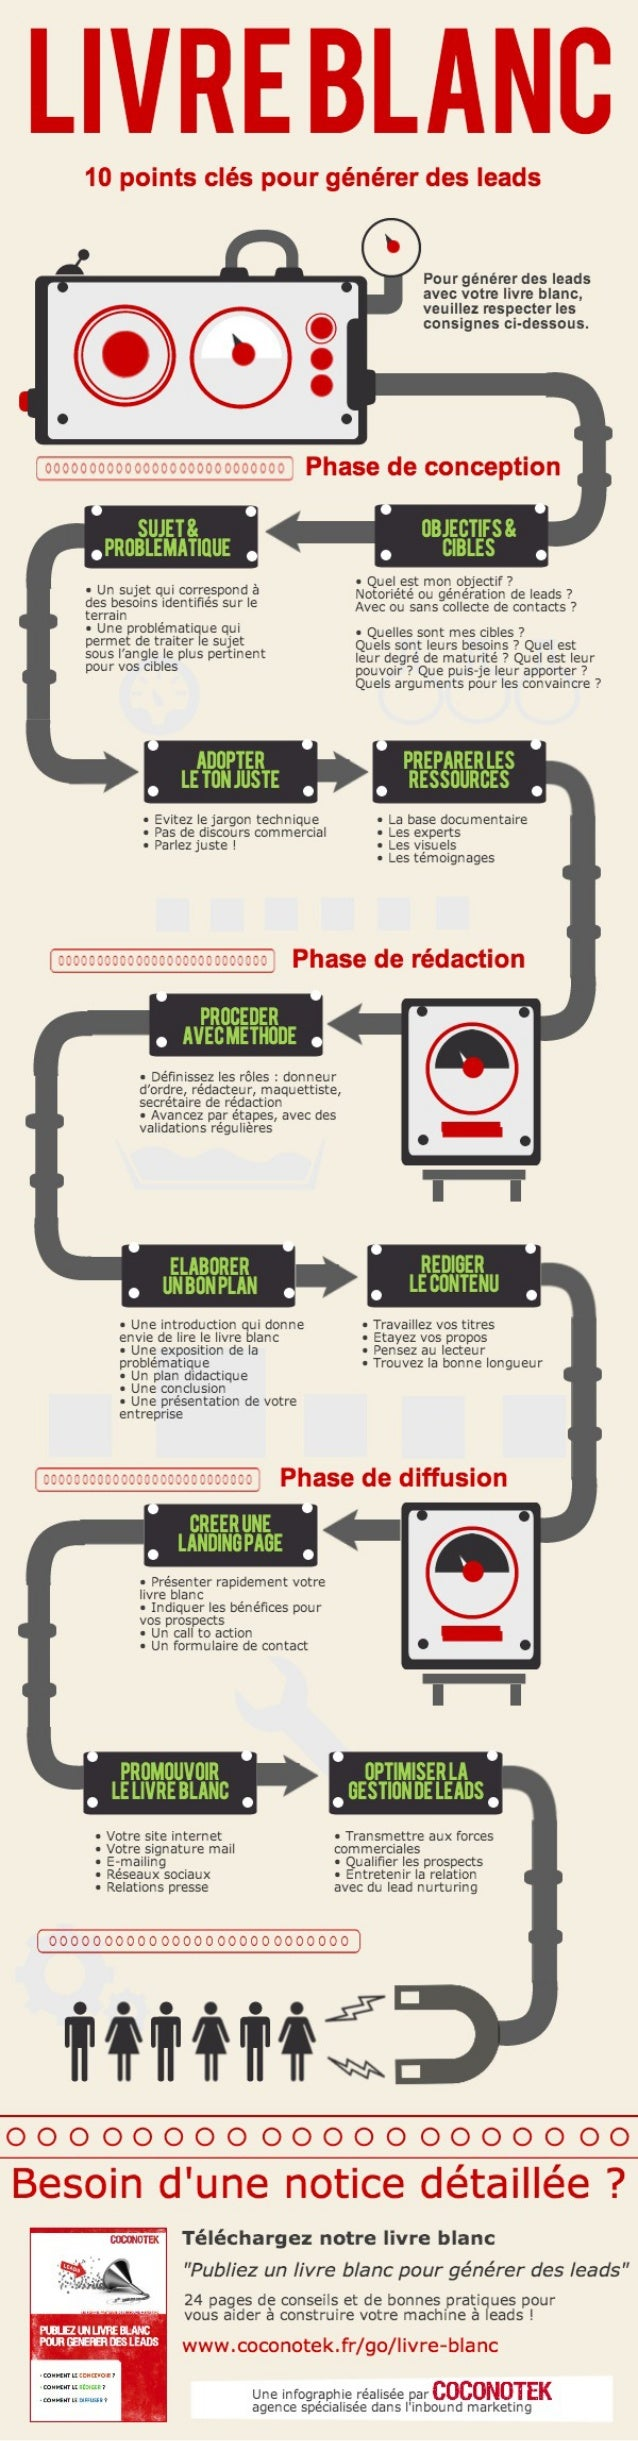 Infographie : un livre blanc pour générer des leads